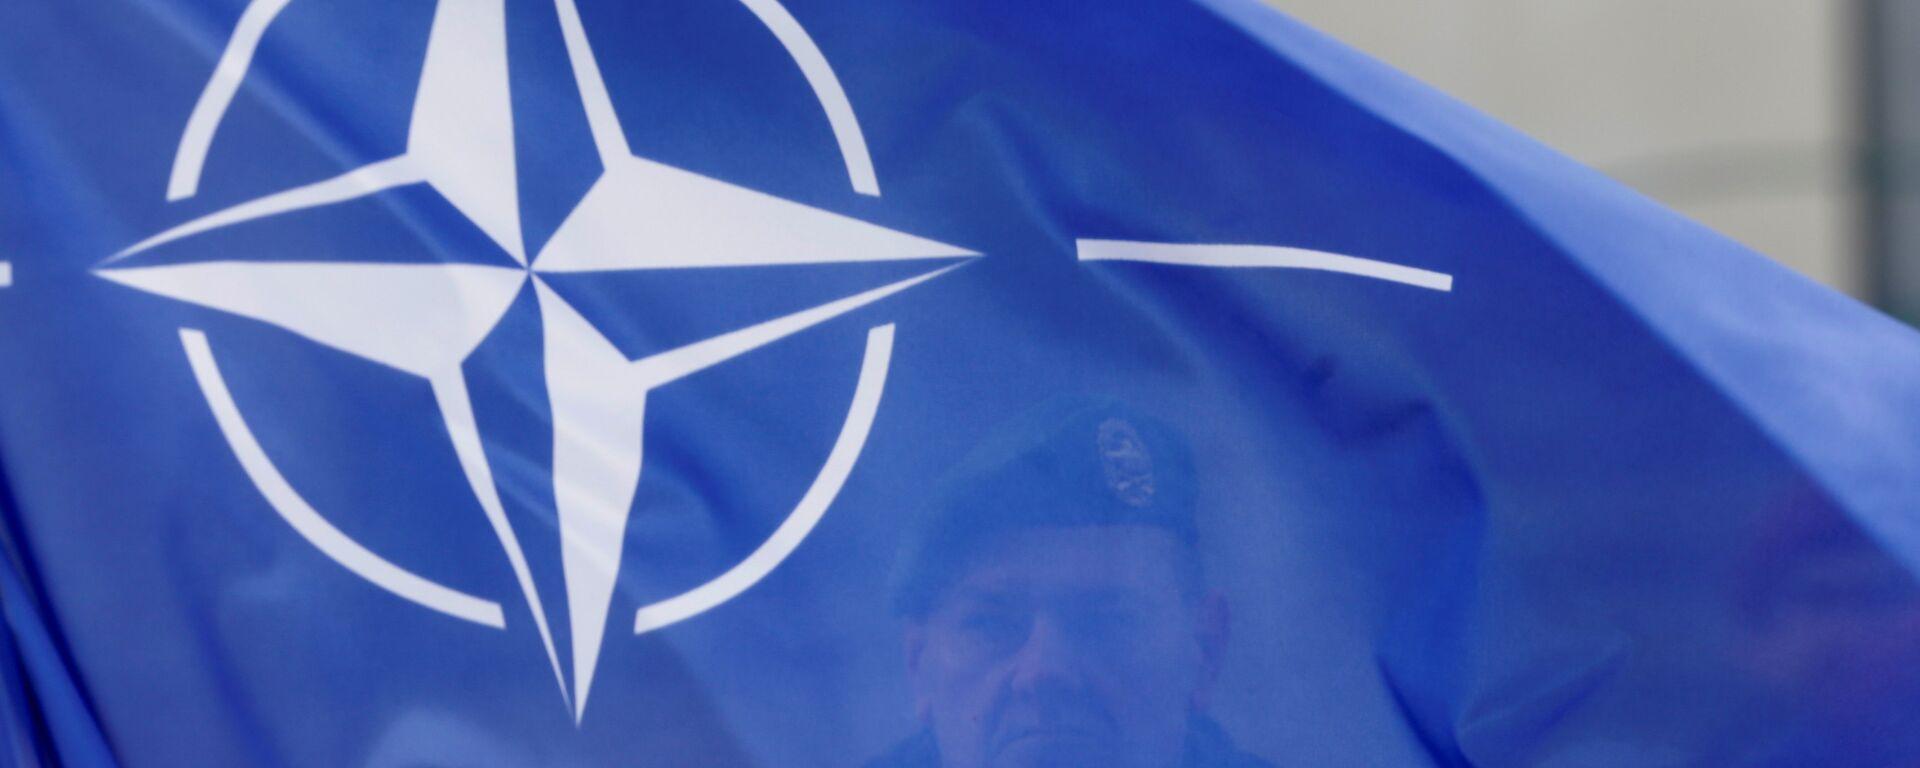 Flaga NATO - Sputnik Polska, 1920, 31.08.2021